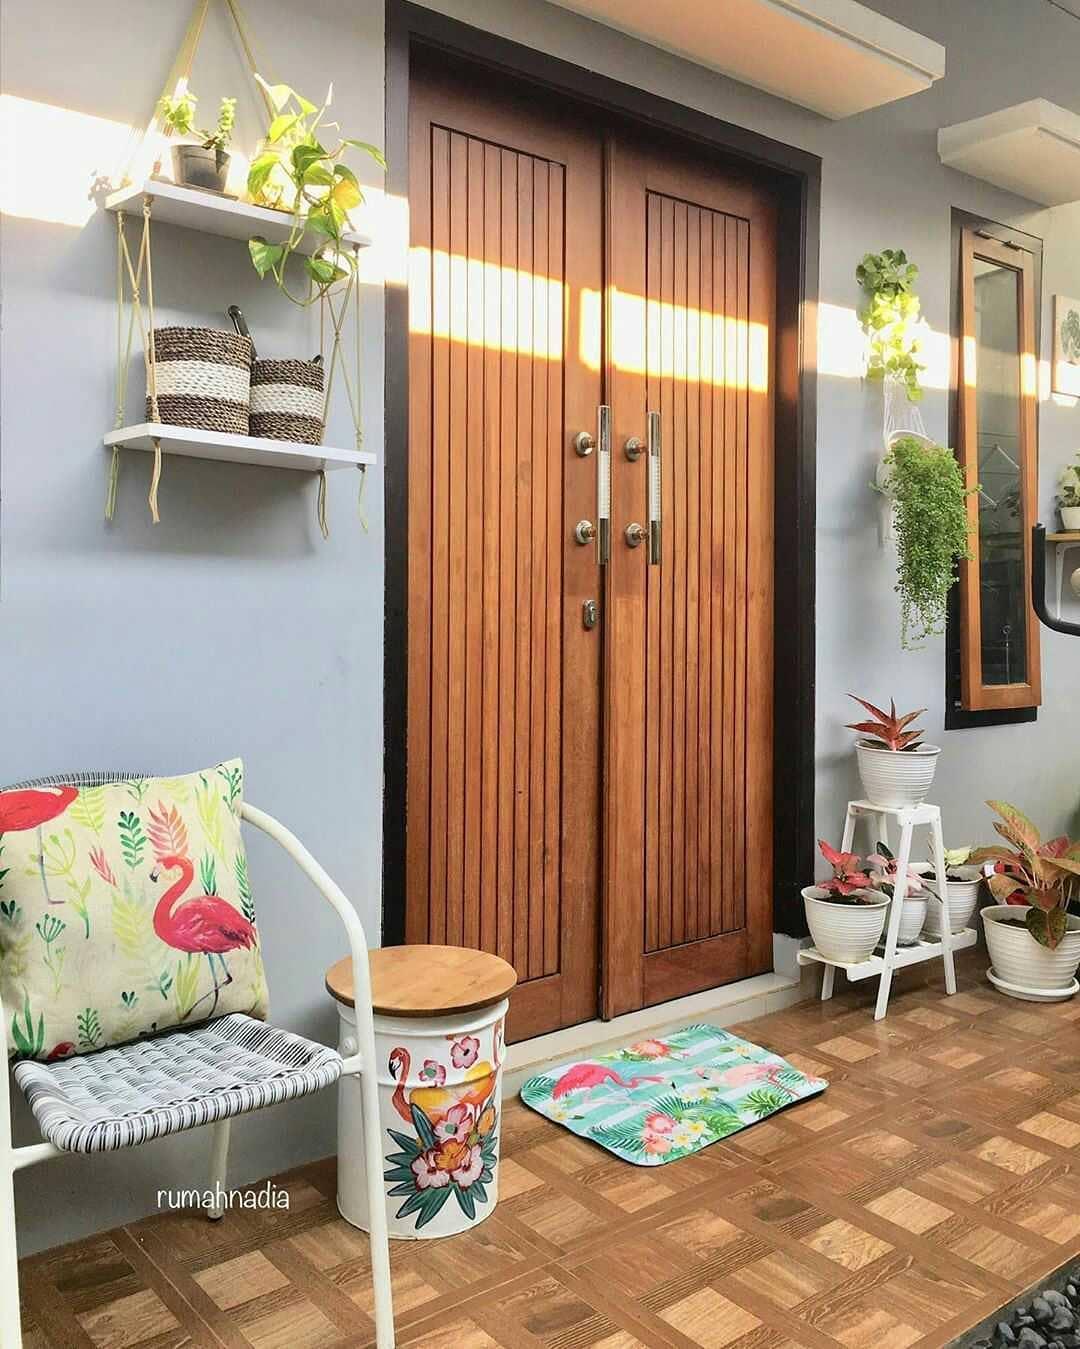 Desain Pintu Rumah Minimalis 2 Pintu Terbaru